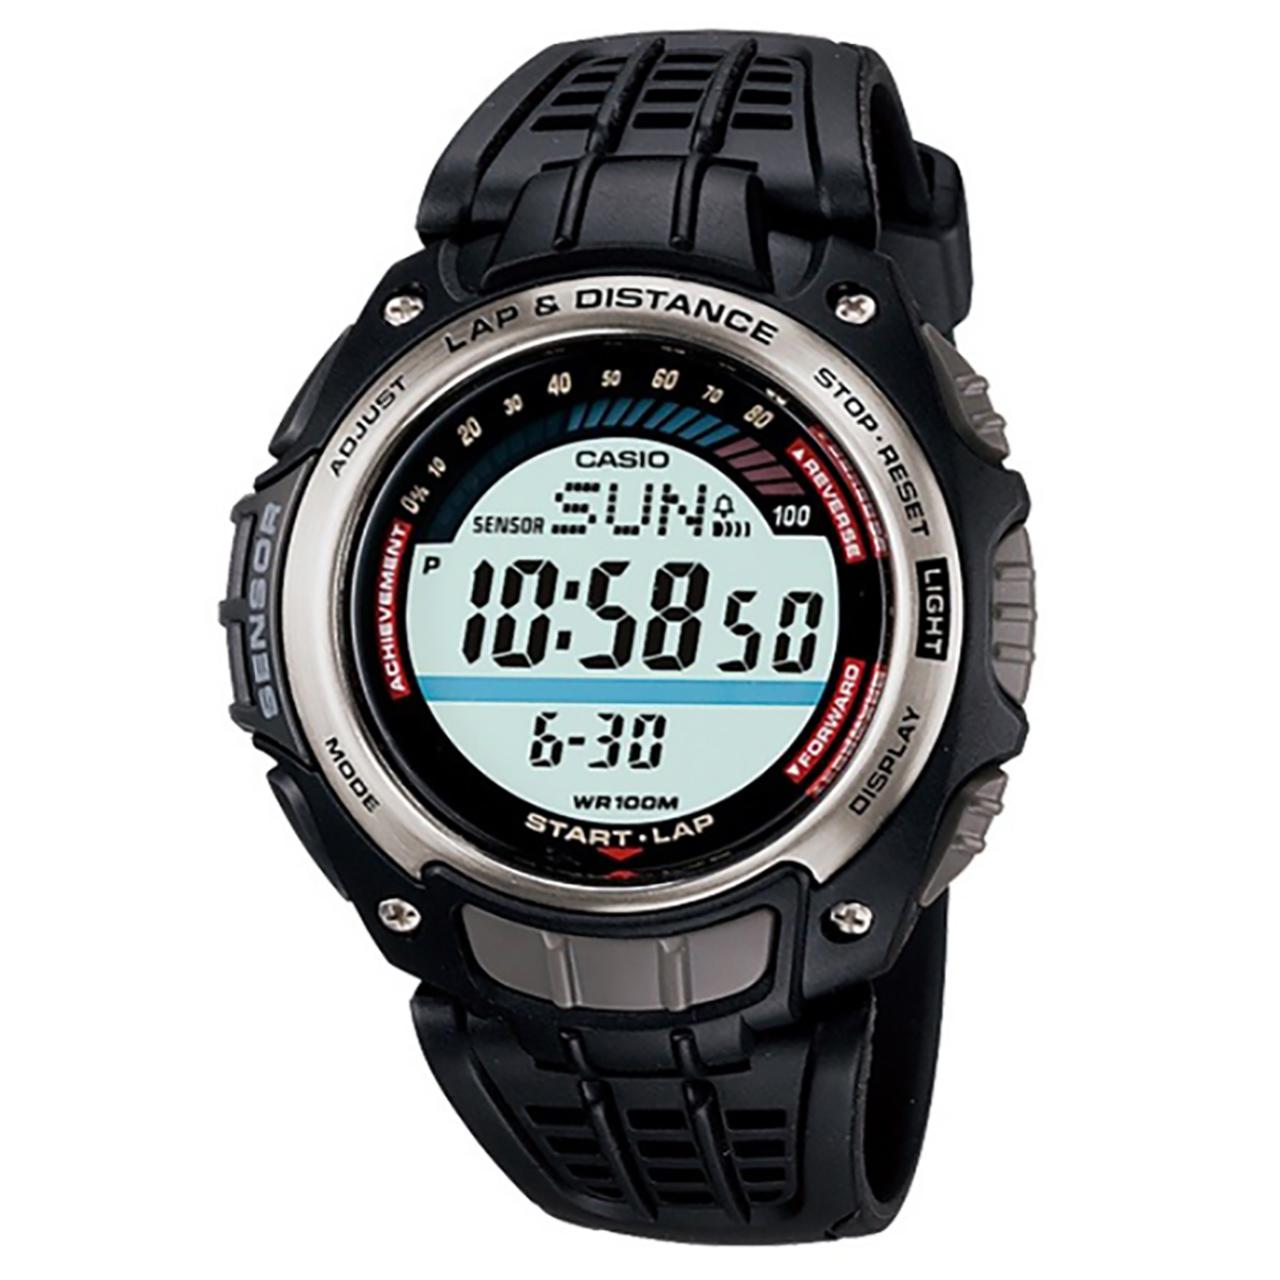 ساعت مچی دیجیتالی کاسیو مدل SGW-200-1VDR 103